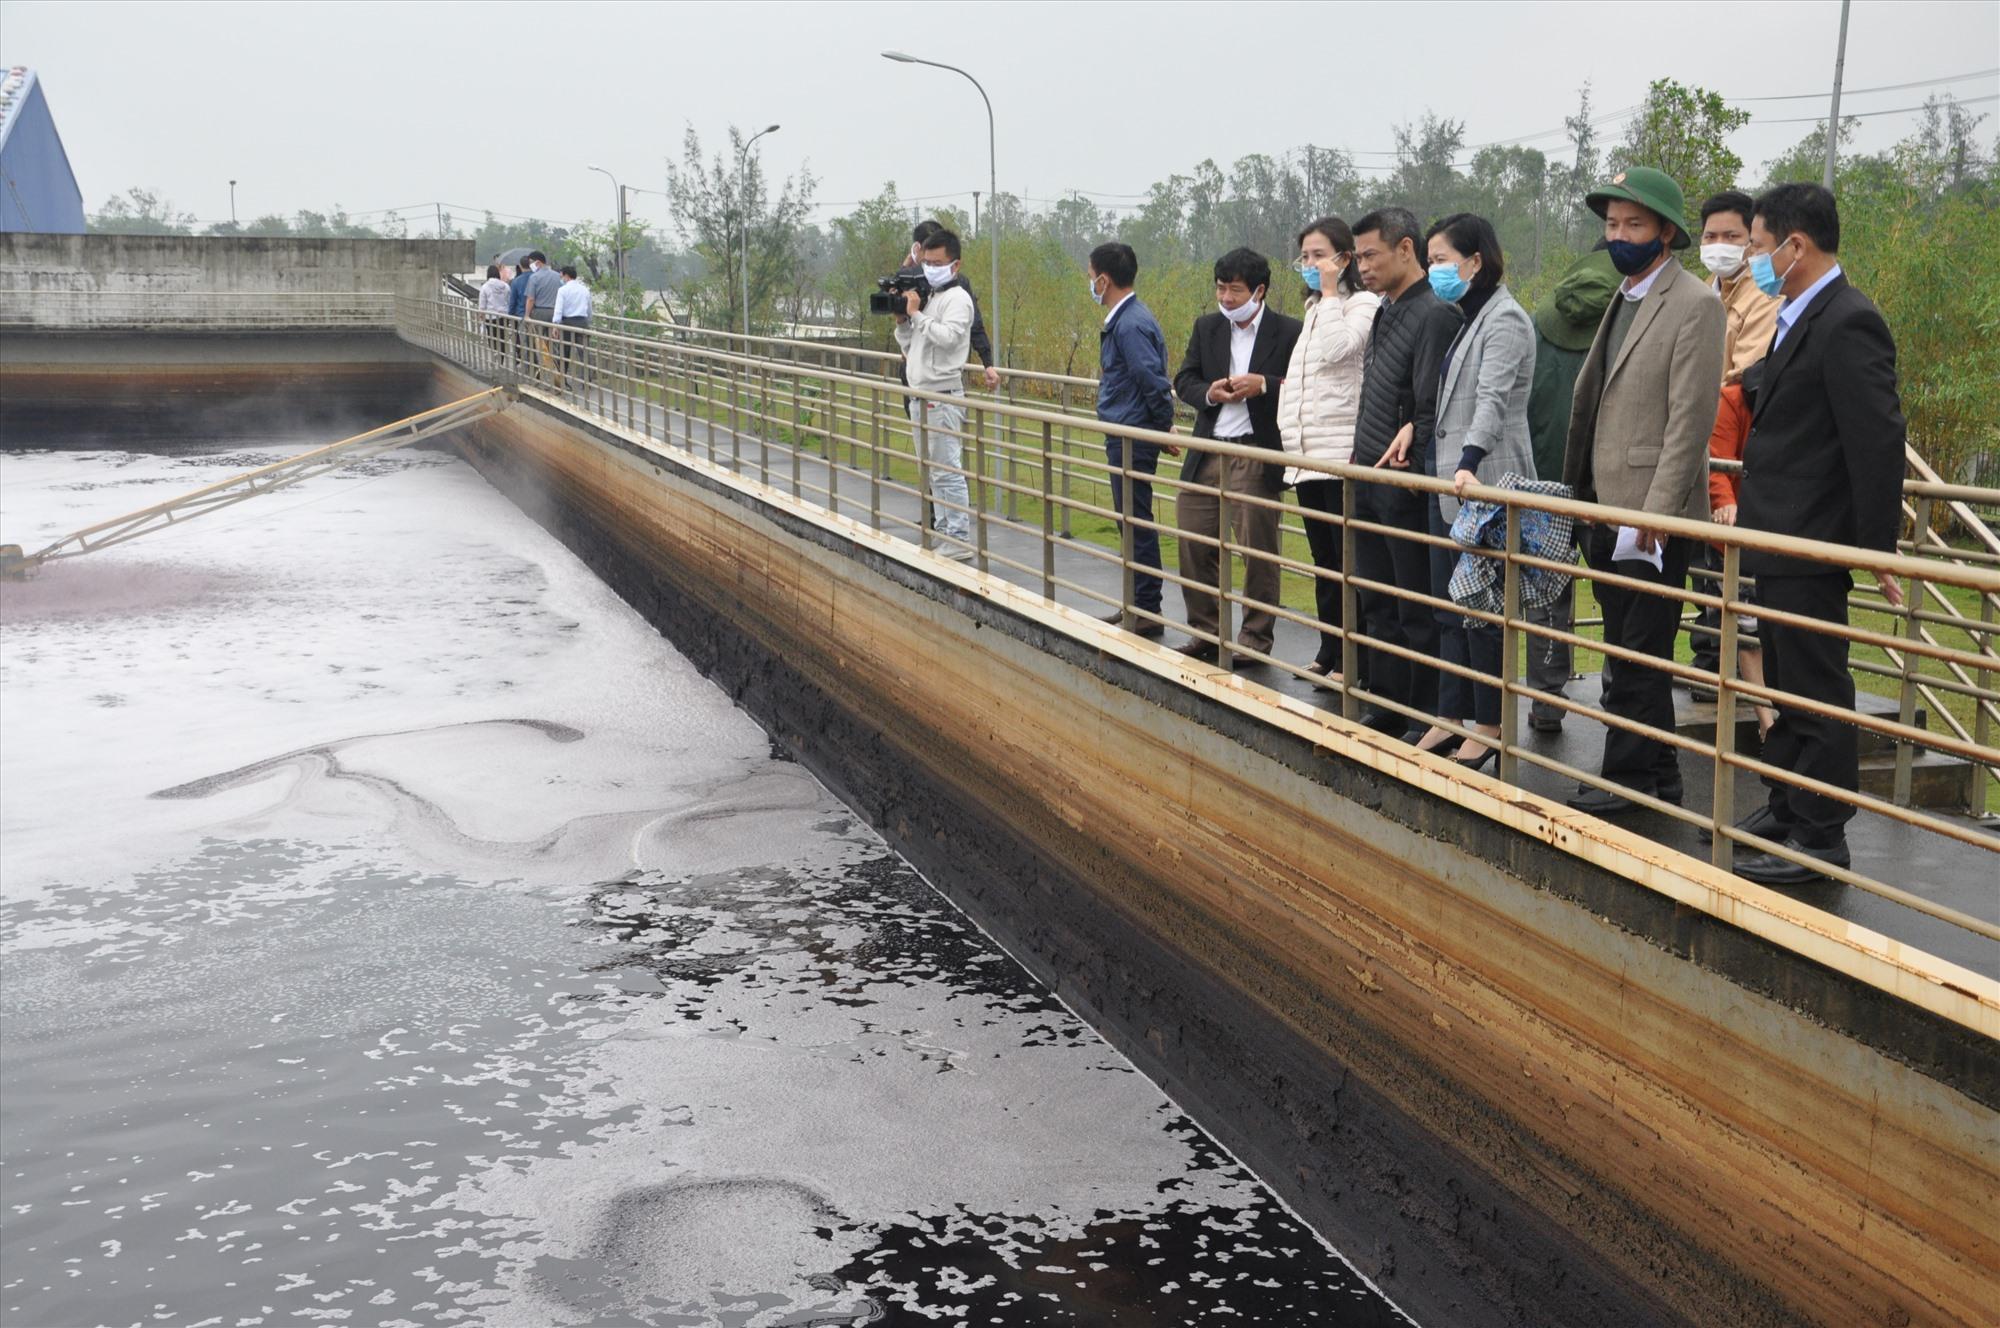 Đoàn kiểm tra nhà máy xử lý nước thải tại khu công nghiệp Tam Thăng. Ảnh: X.P